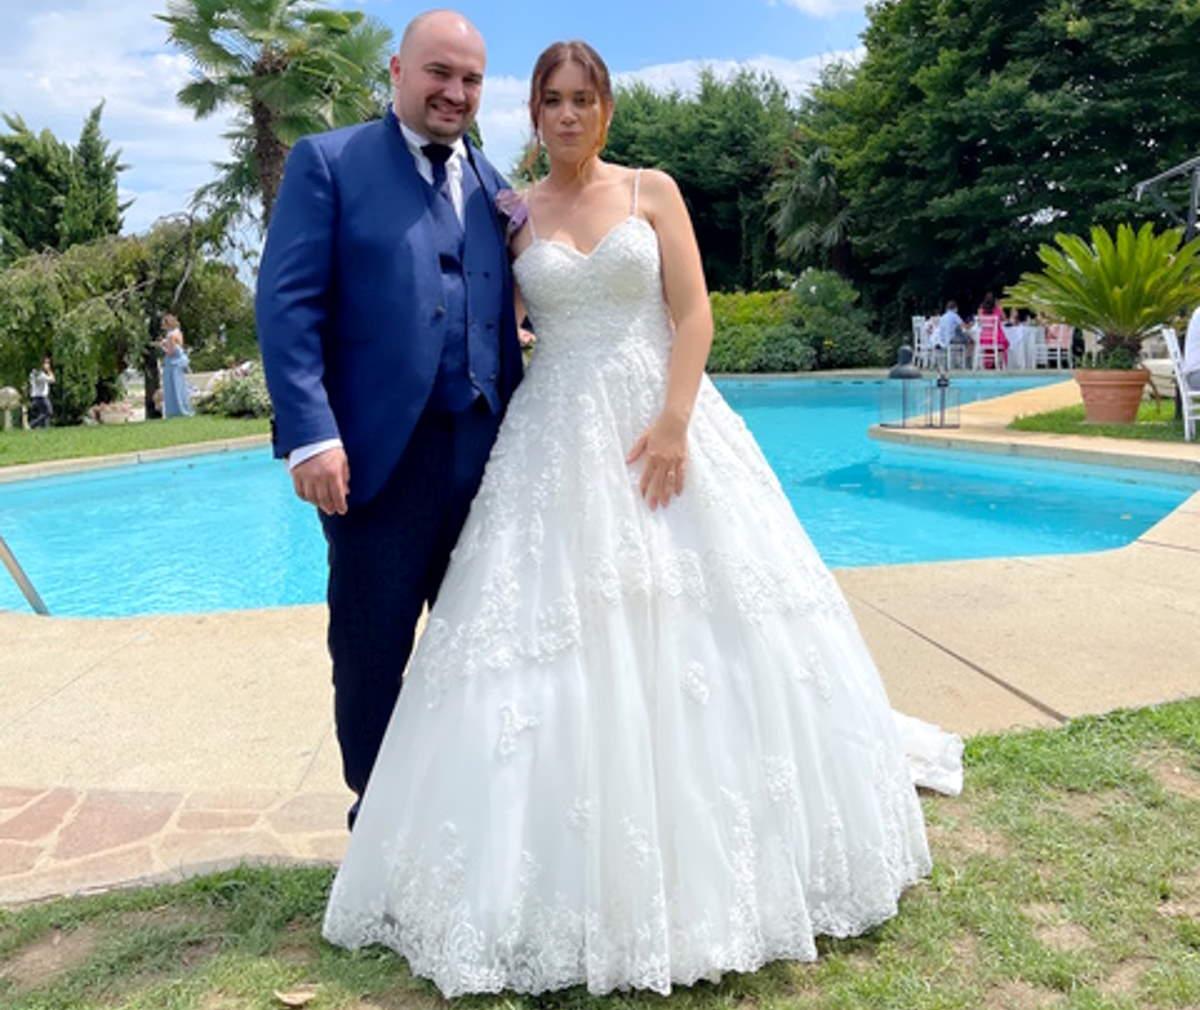 Si è sposato Marco Bollani, organizzatore di eventi e matrimoni e dj